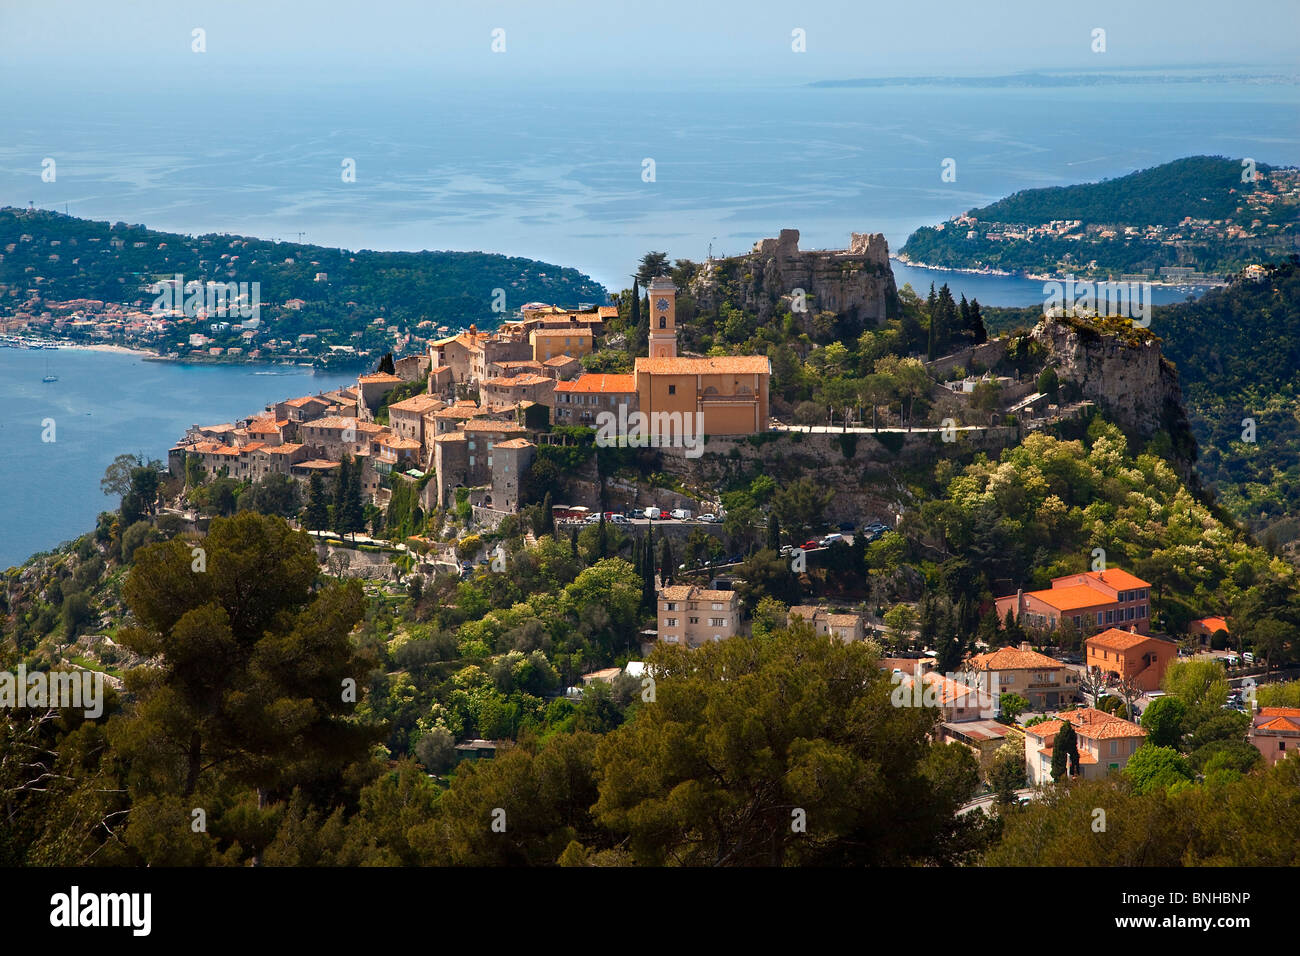 Europe, France, Alpes-Maritimes (06), Eze - Stock Image